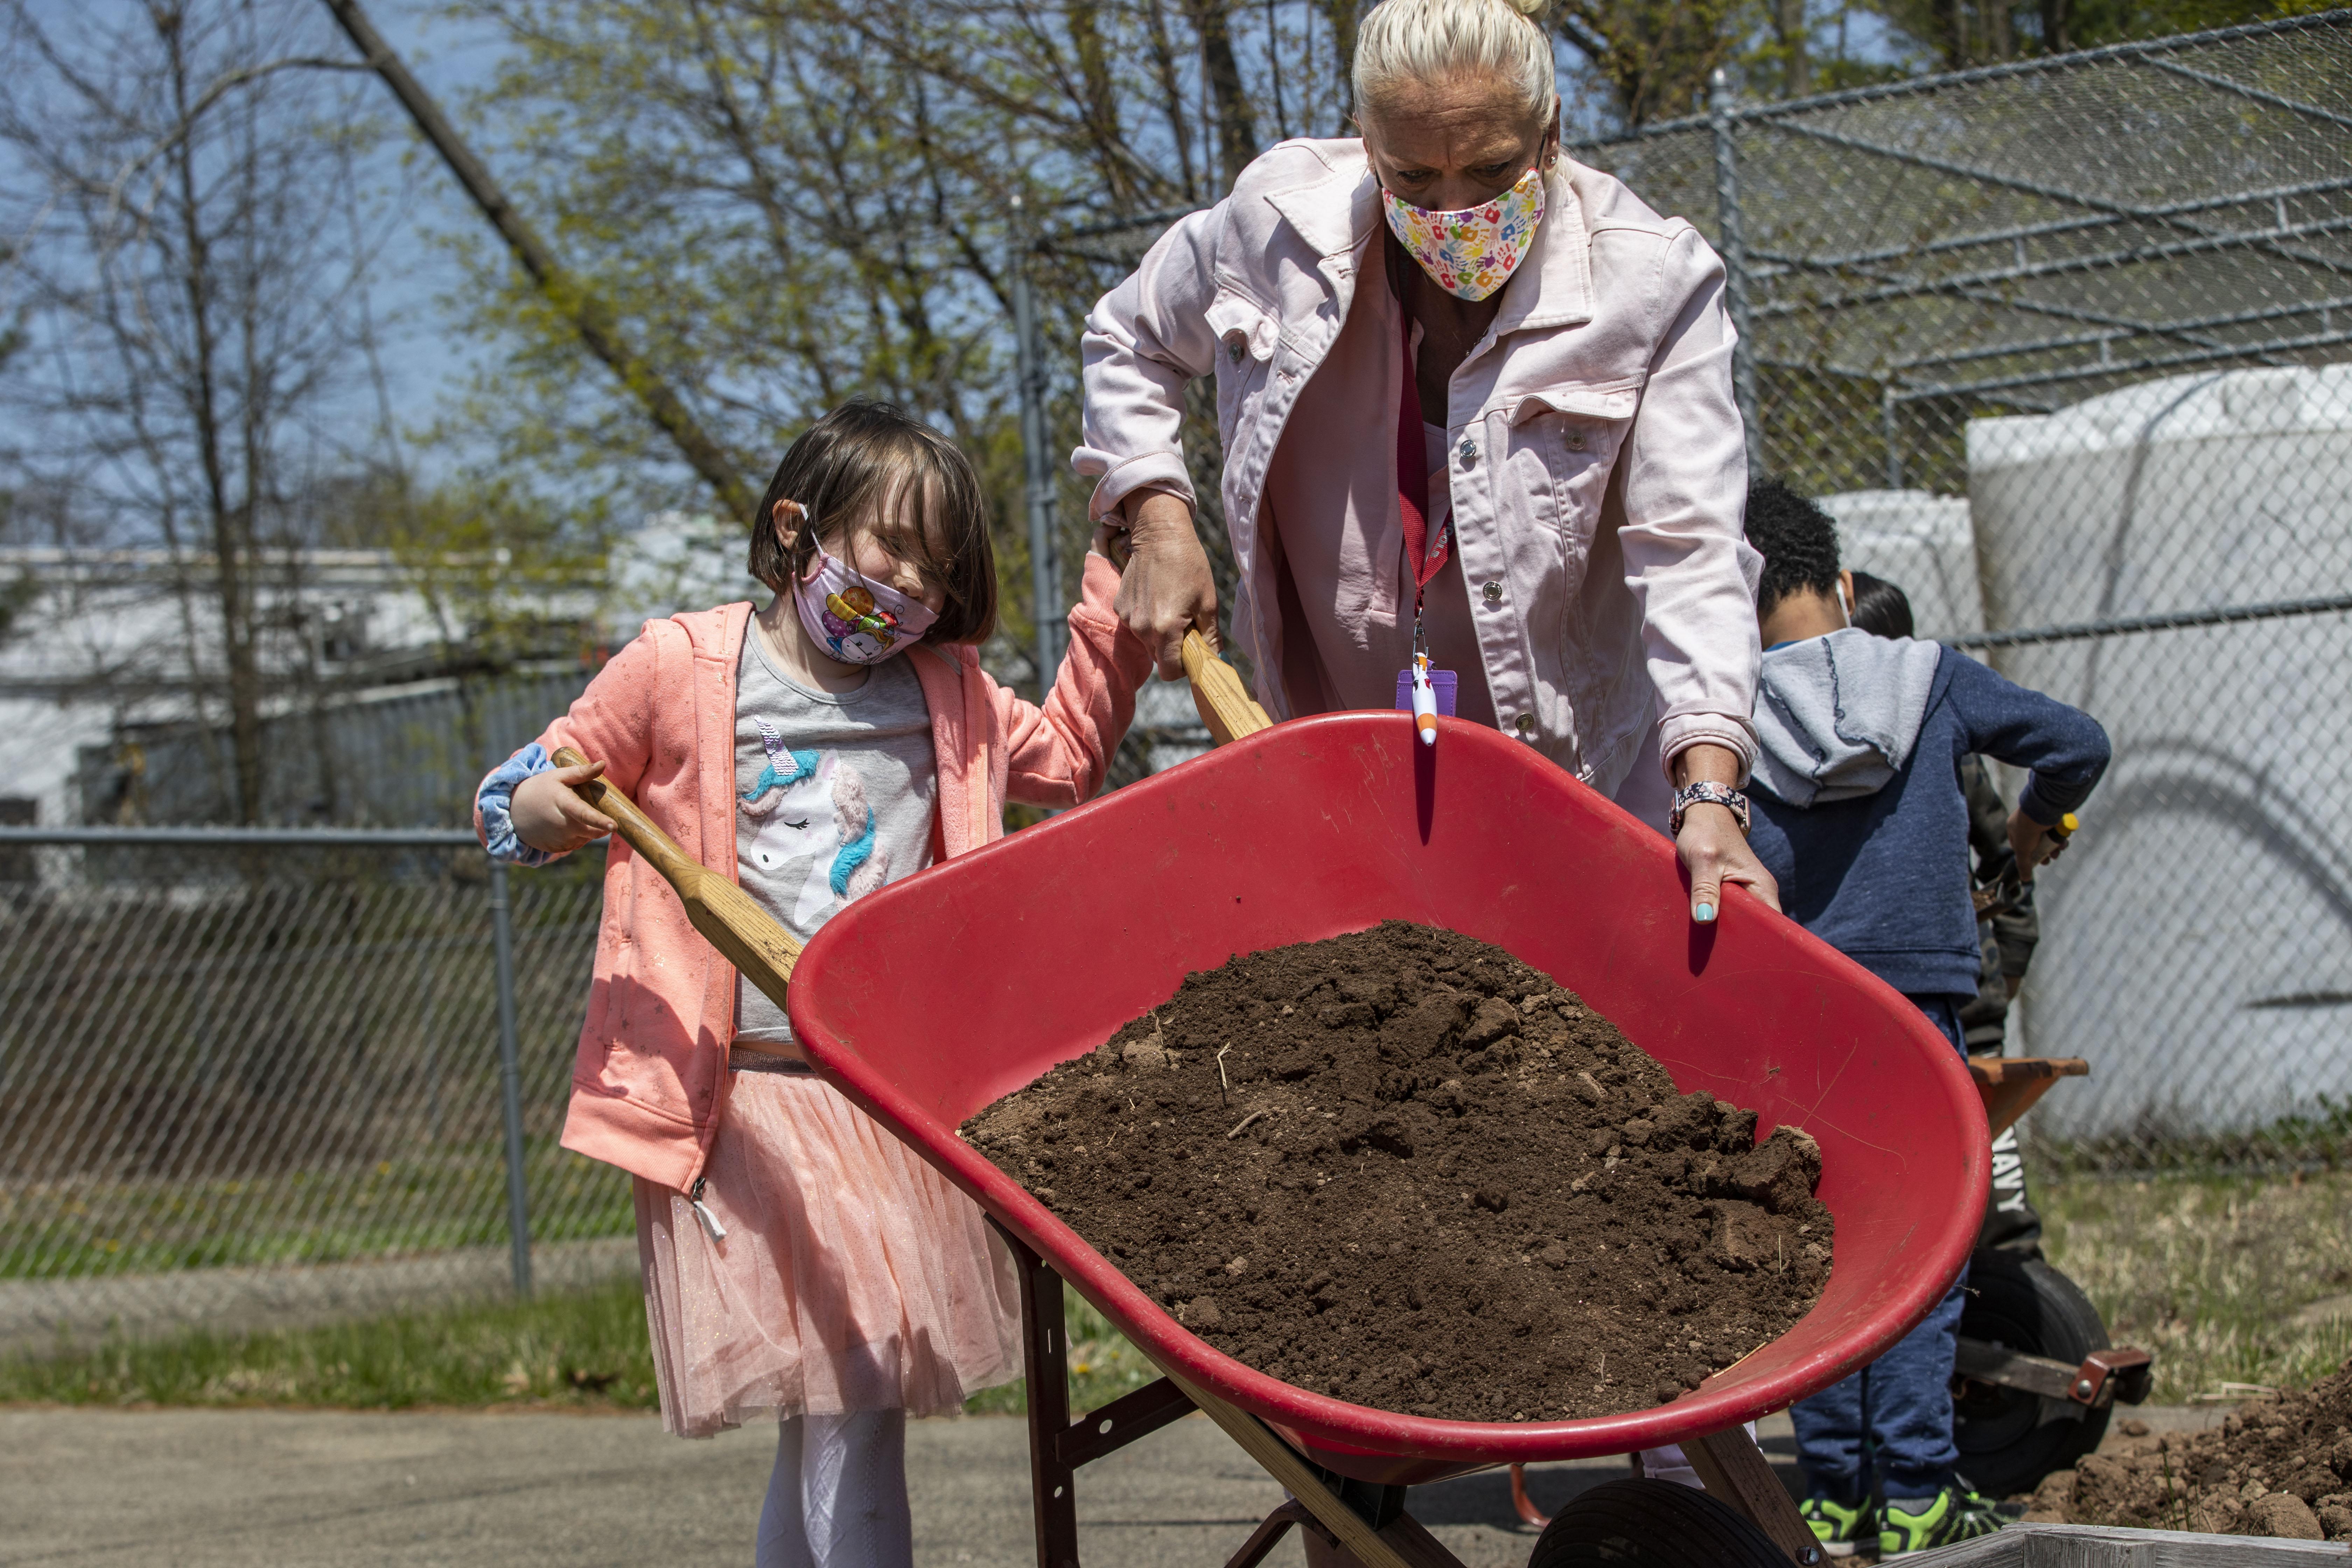 student and teacher dumping dirt into the school garden